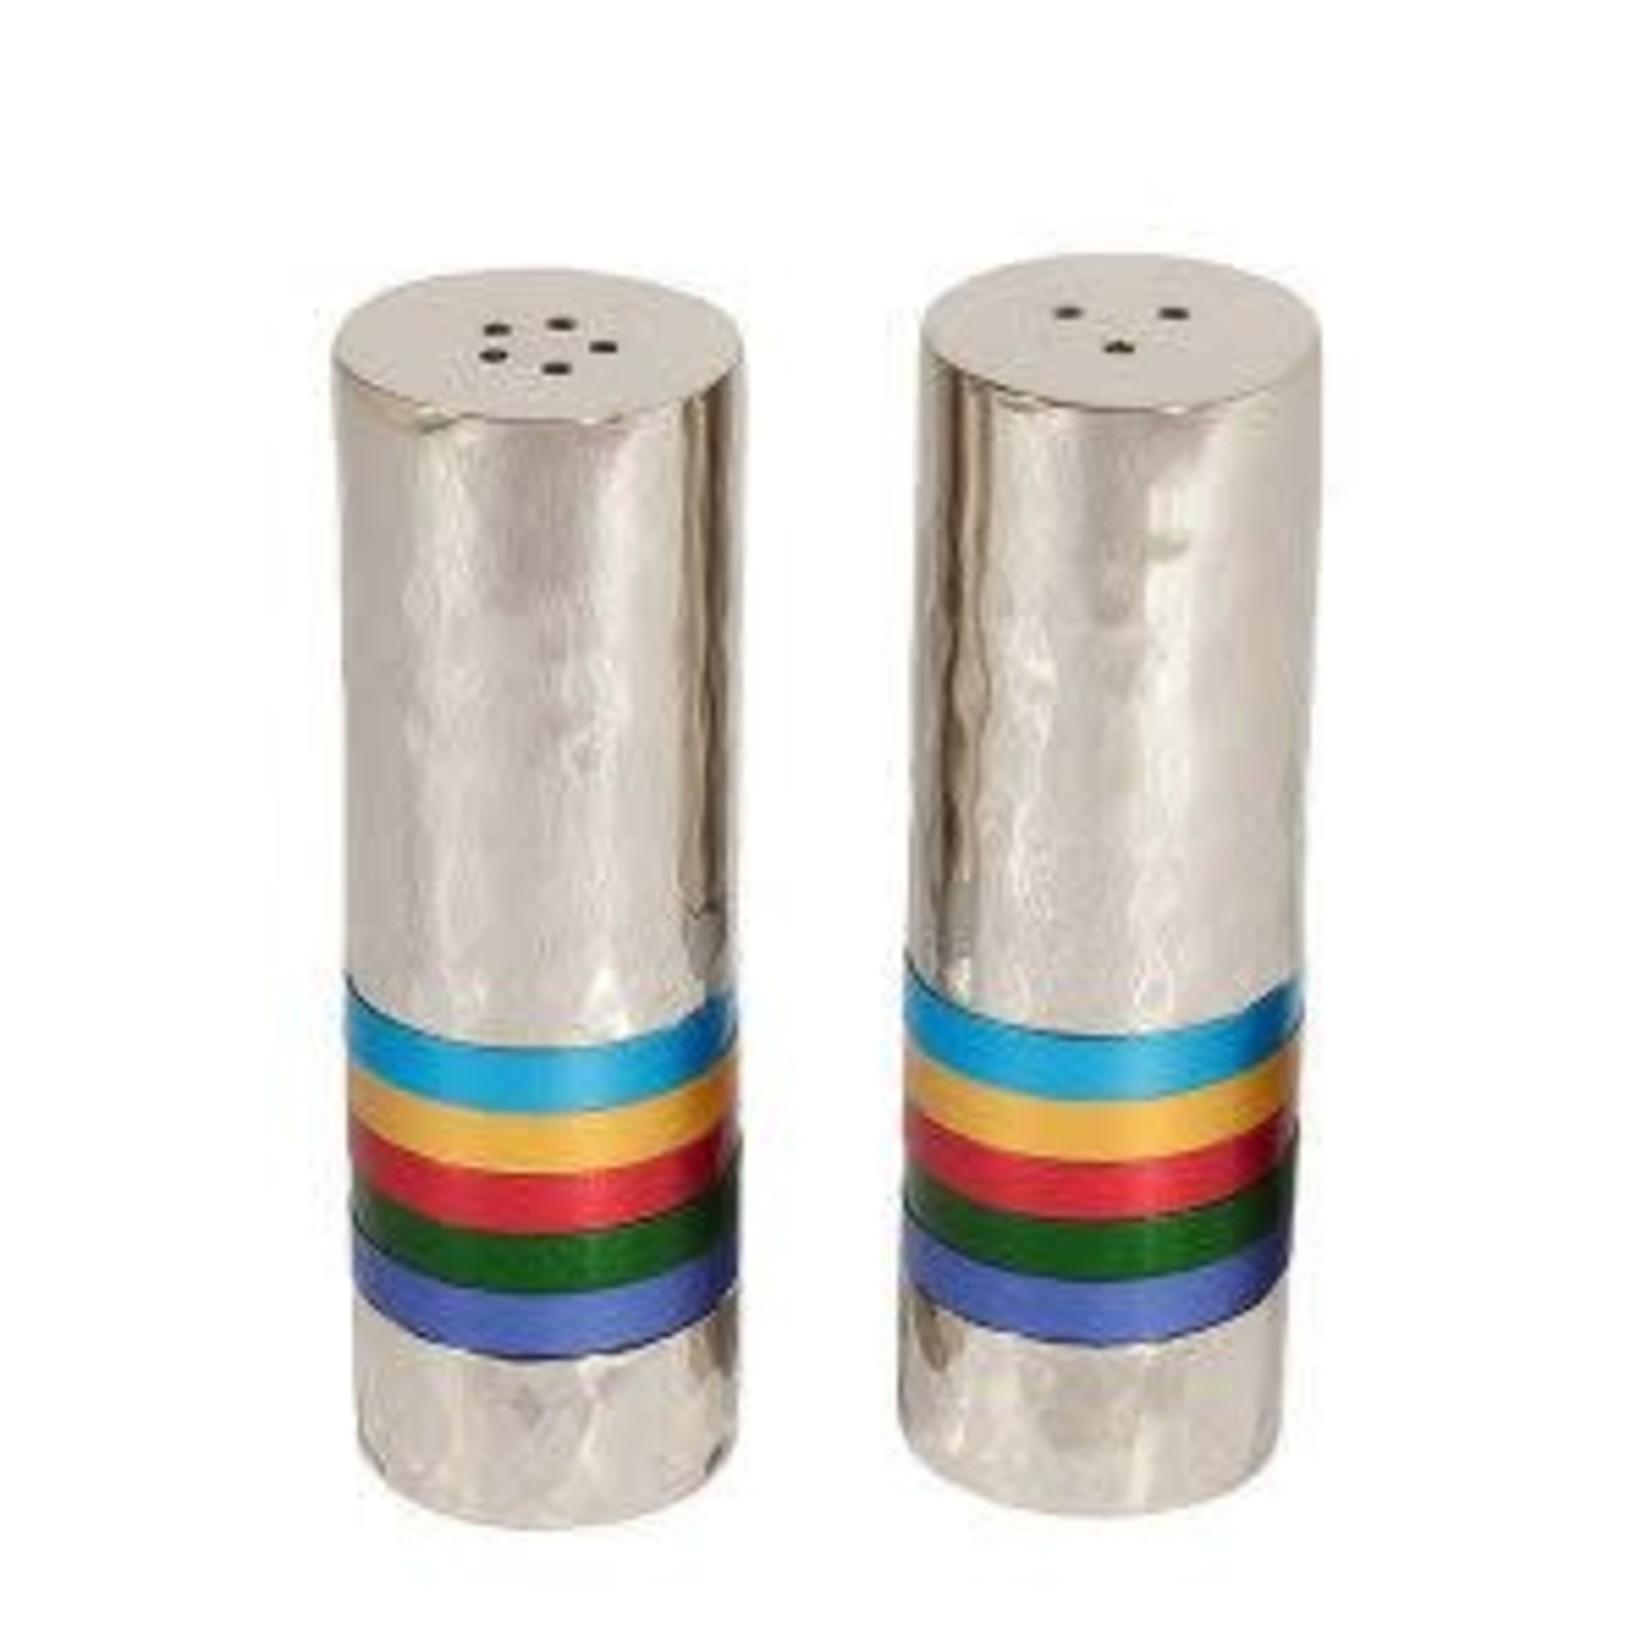 Yair Emanuel Salt and Pepper Shakers, Aluminum